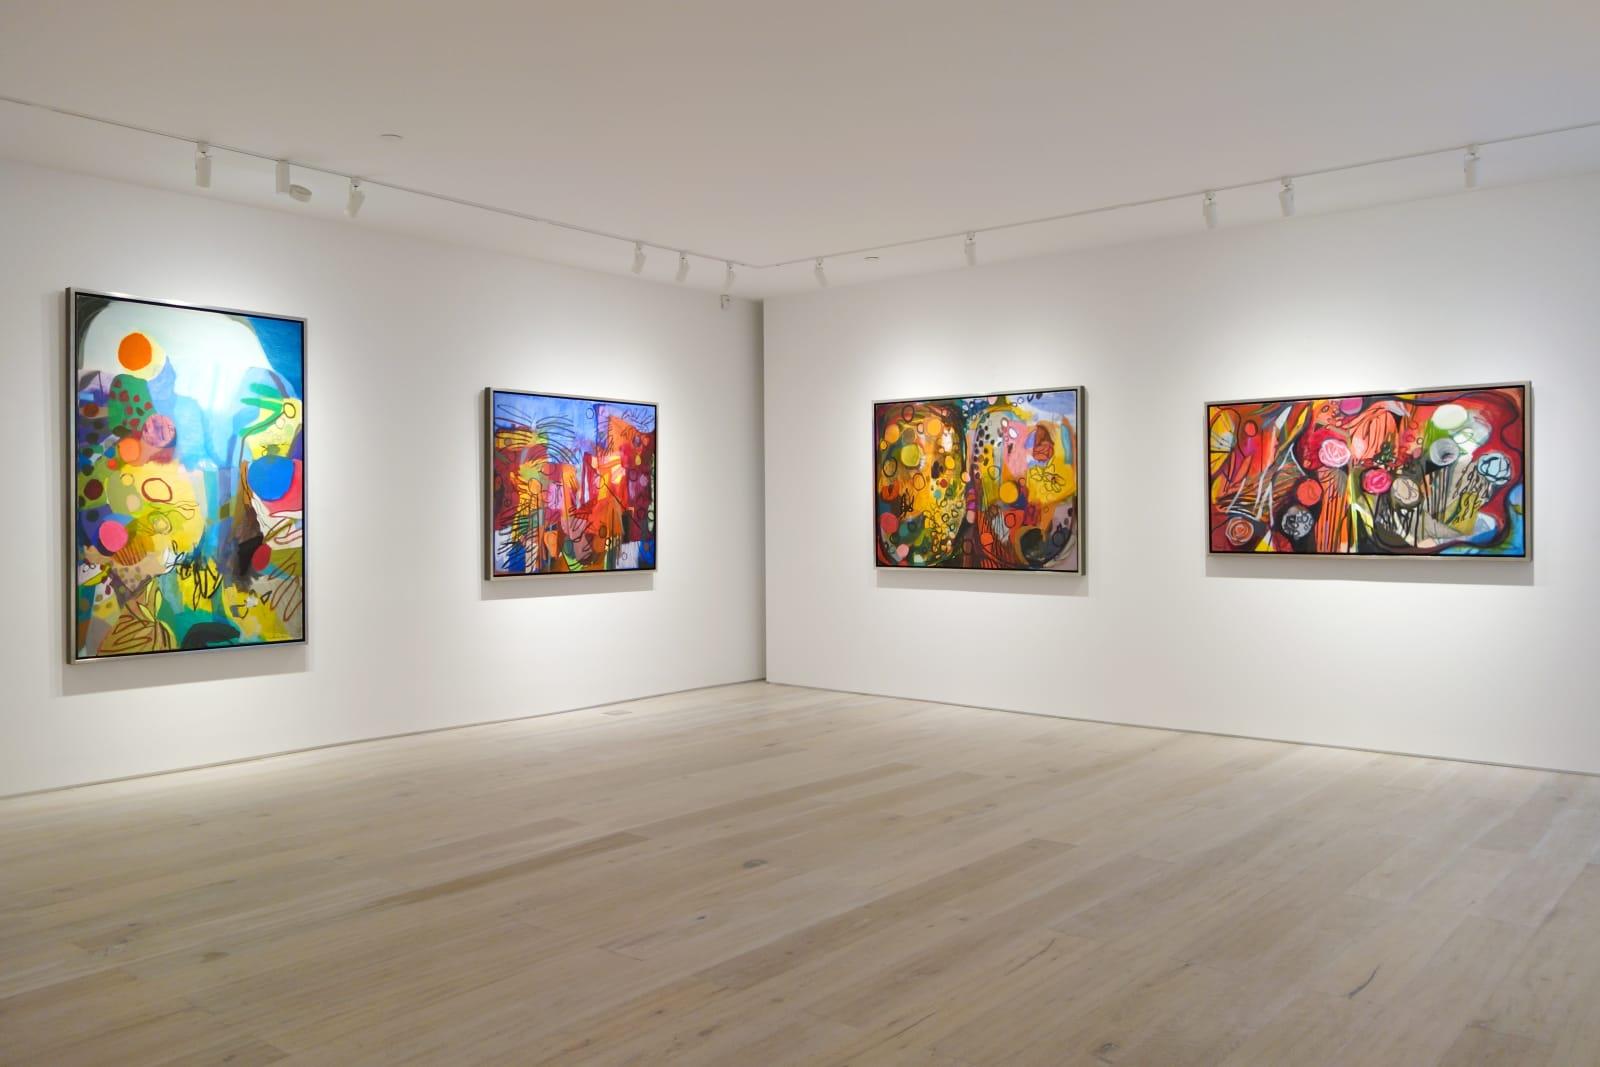 Installation view: Bill Scott: Imagining Spring